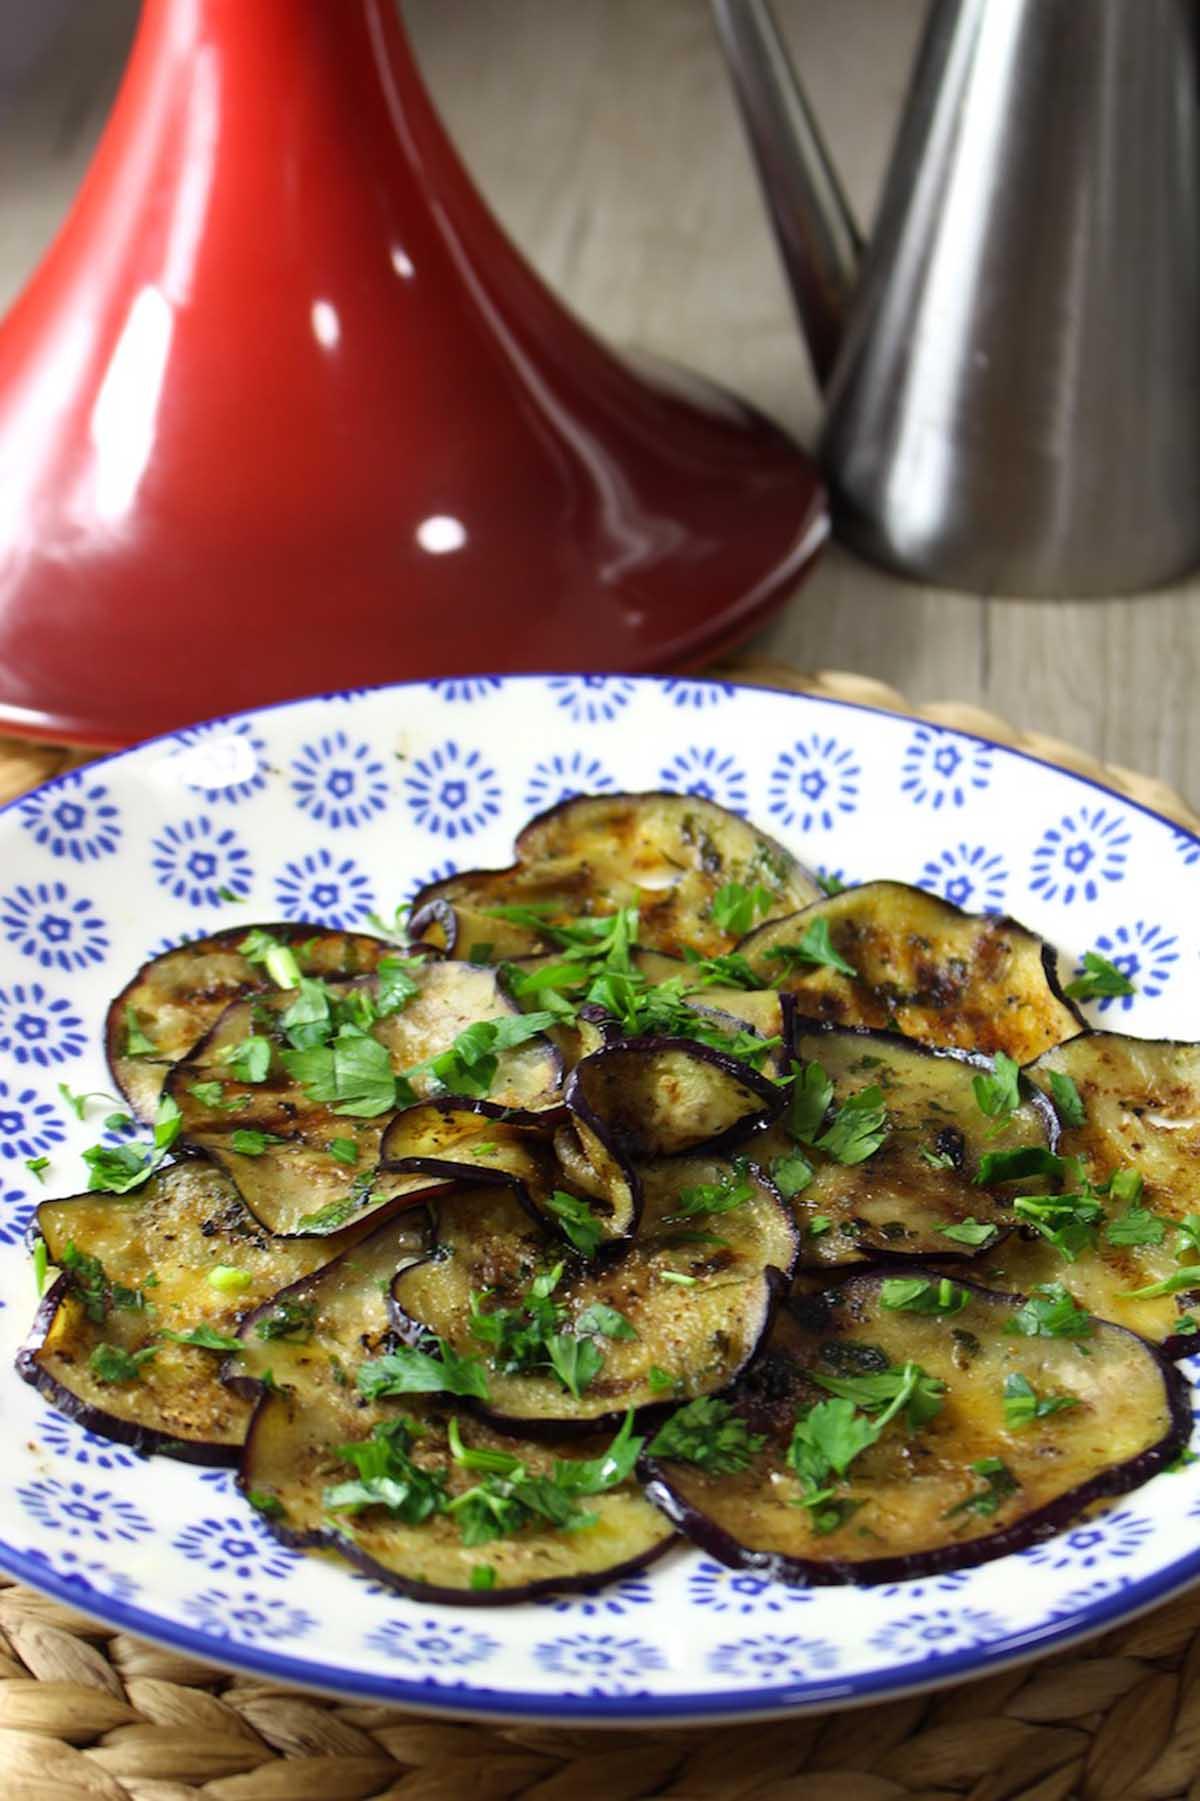 Berenjenas marinadas y asadas estilo marroquí